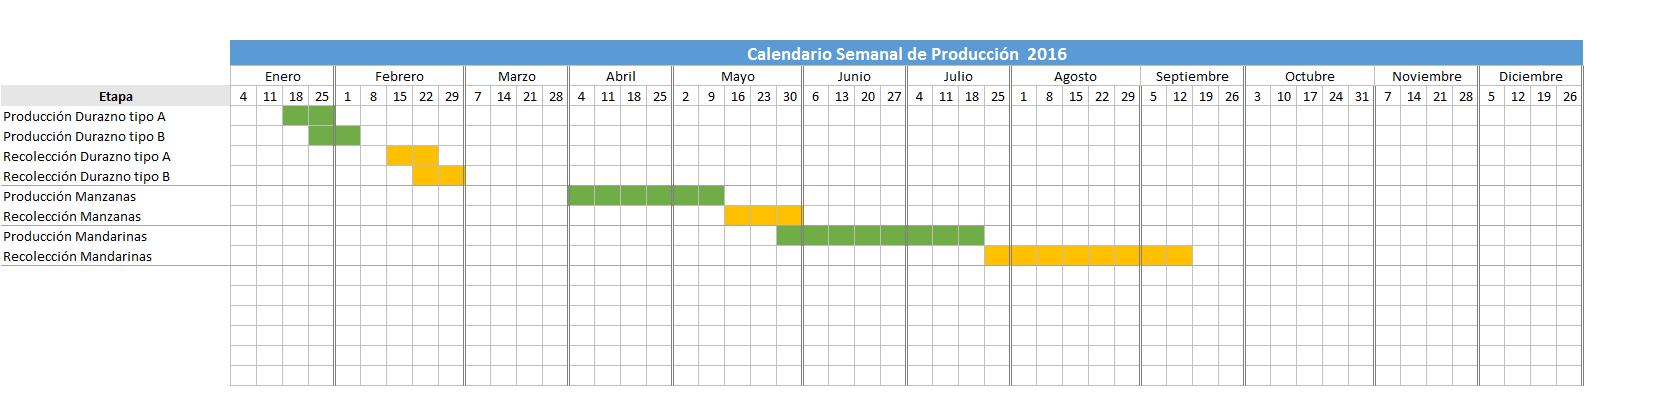 planilla de excel calendario de producción 2016 planillaexcel com